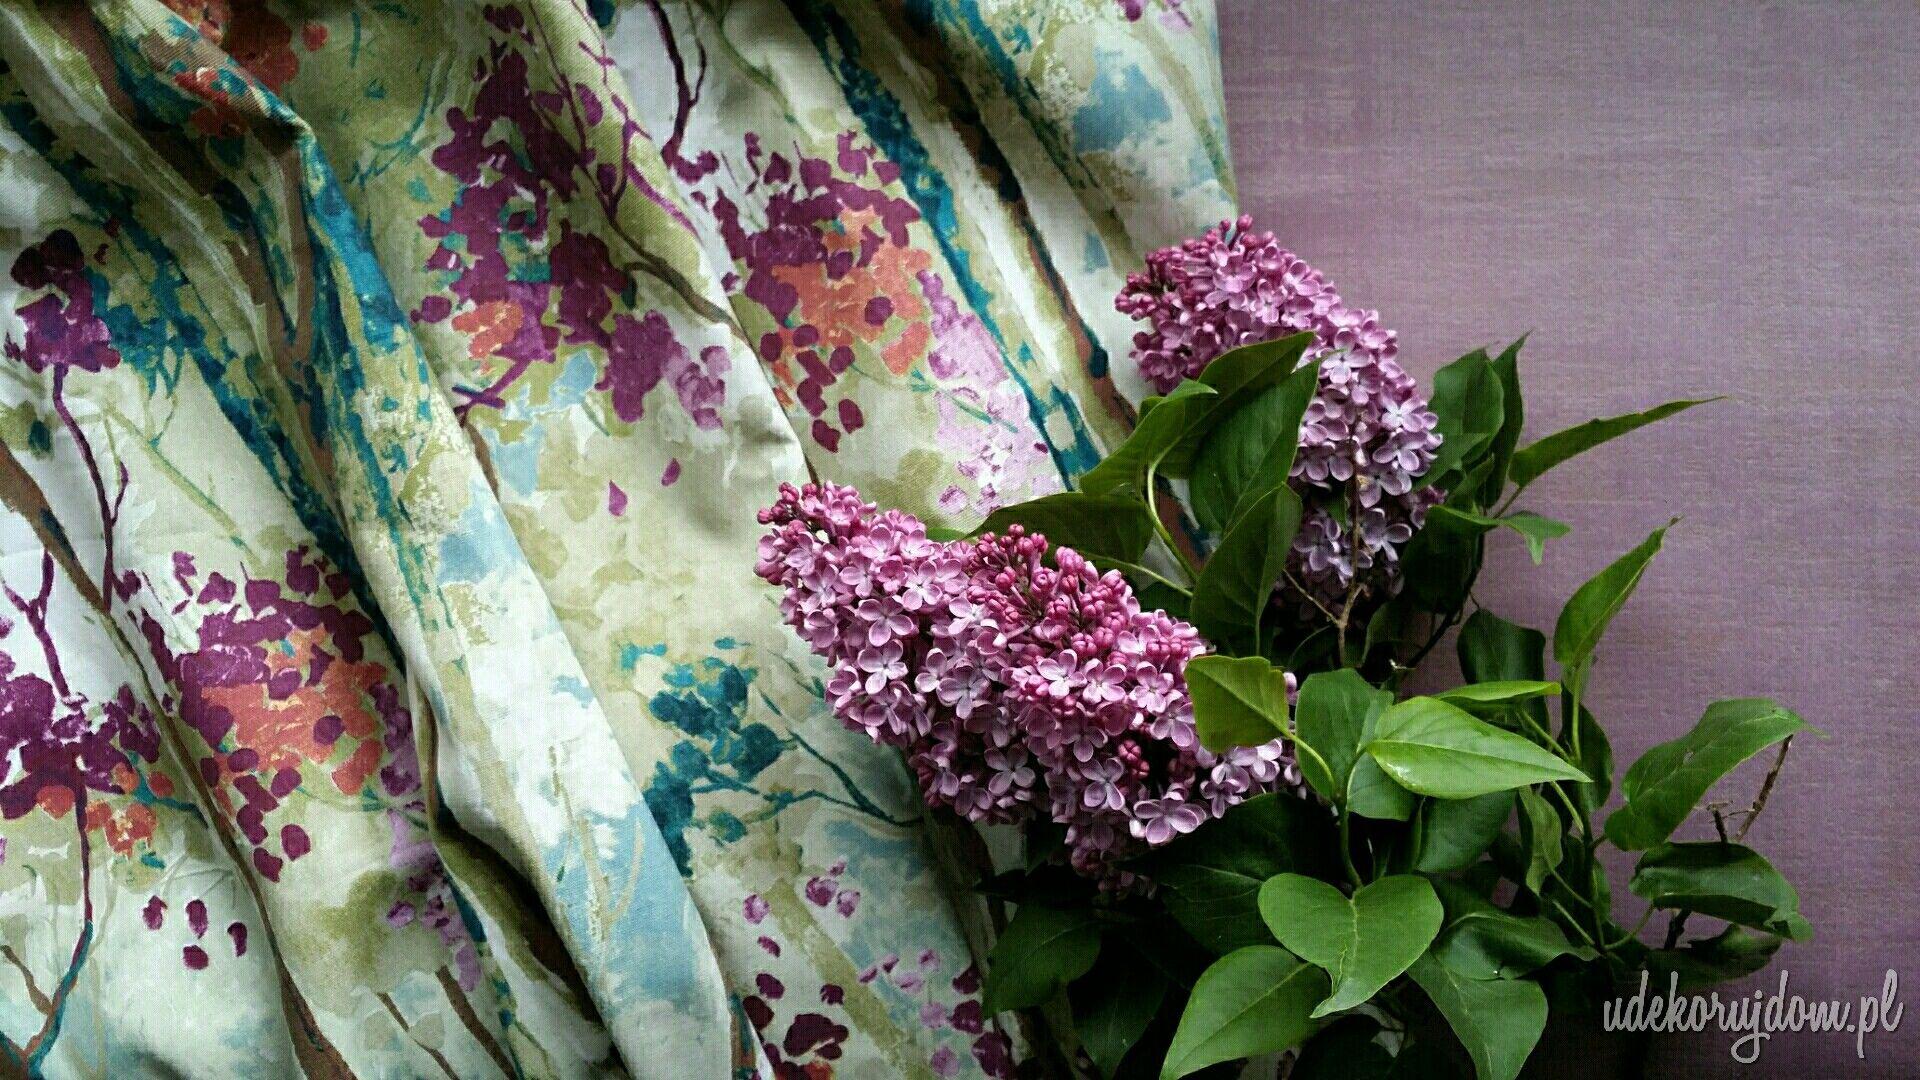 Odcienie Kwiatow Bzu Lilacflower Lilac Fabric Flowers Kwiaty Kwiatywdomu Purple Violet Homedecor Interiordesign Watercolor Fabric Fabric Watercolor